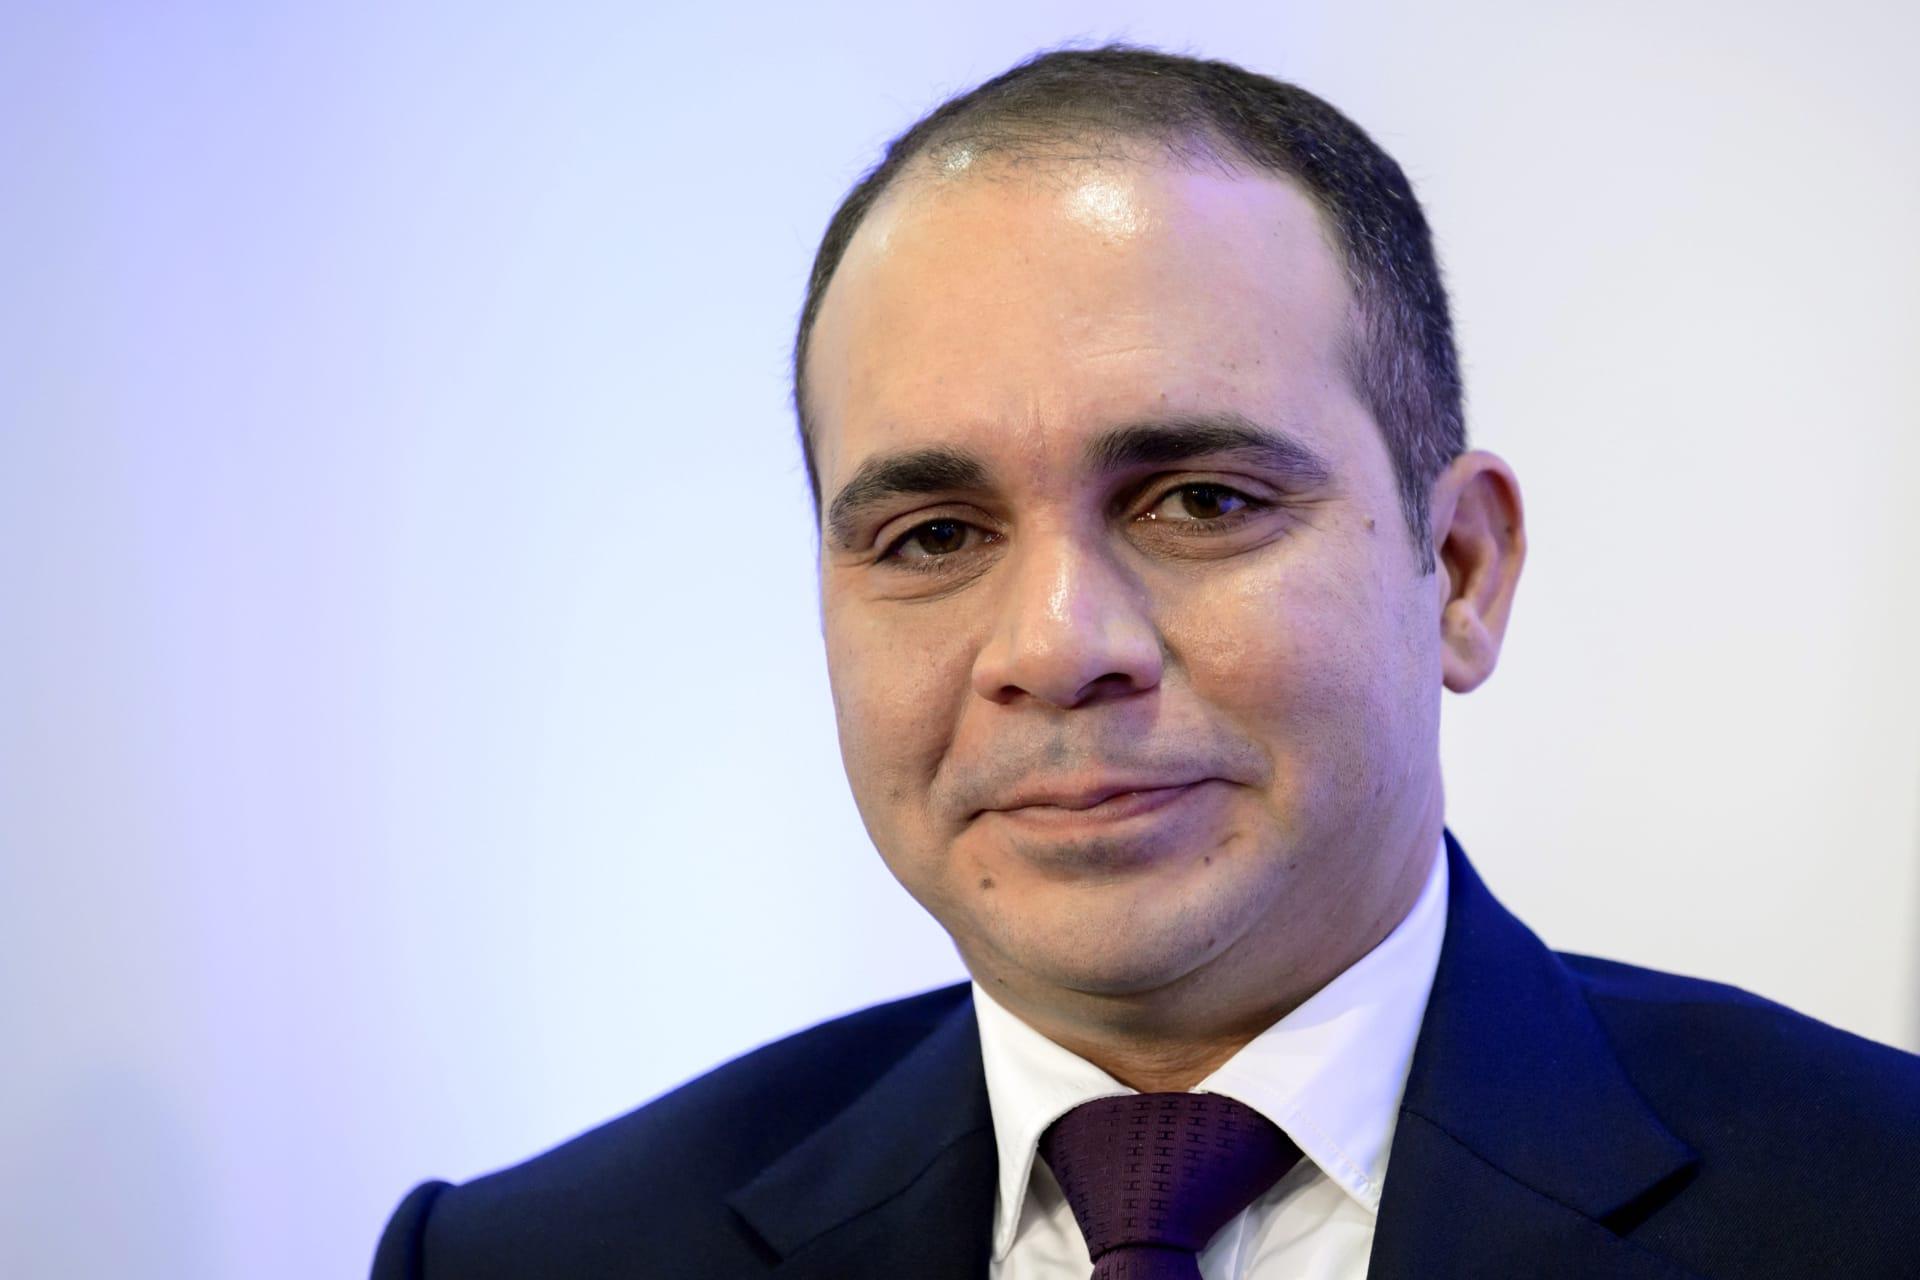 """في بيان رسمي له: الأمير علي يؤكد أن الفيفا """"خذلته"""" والانتخابات الرئاسية ستجري في موعدها"""